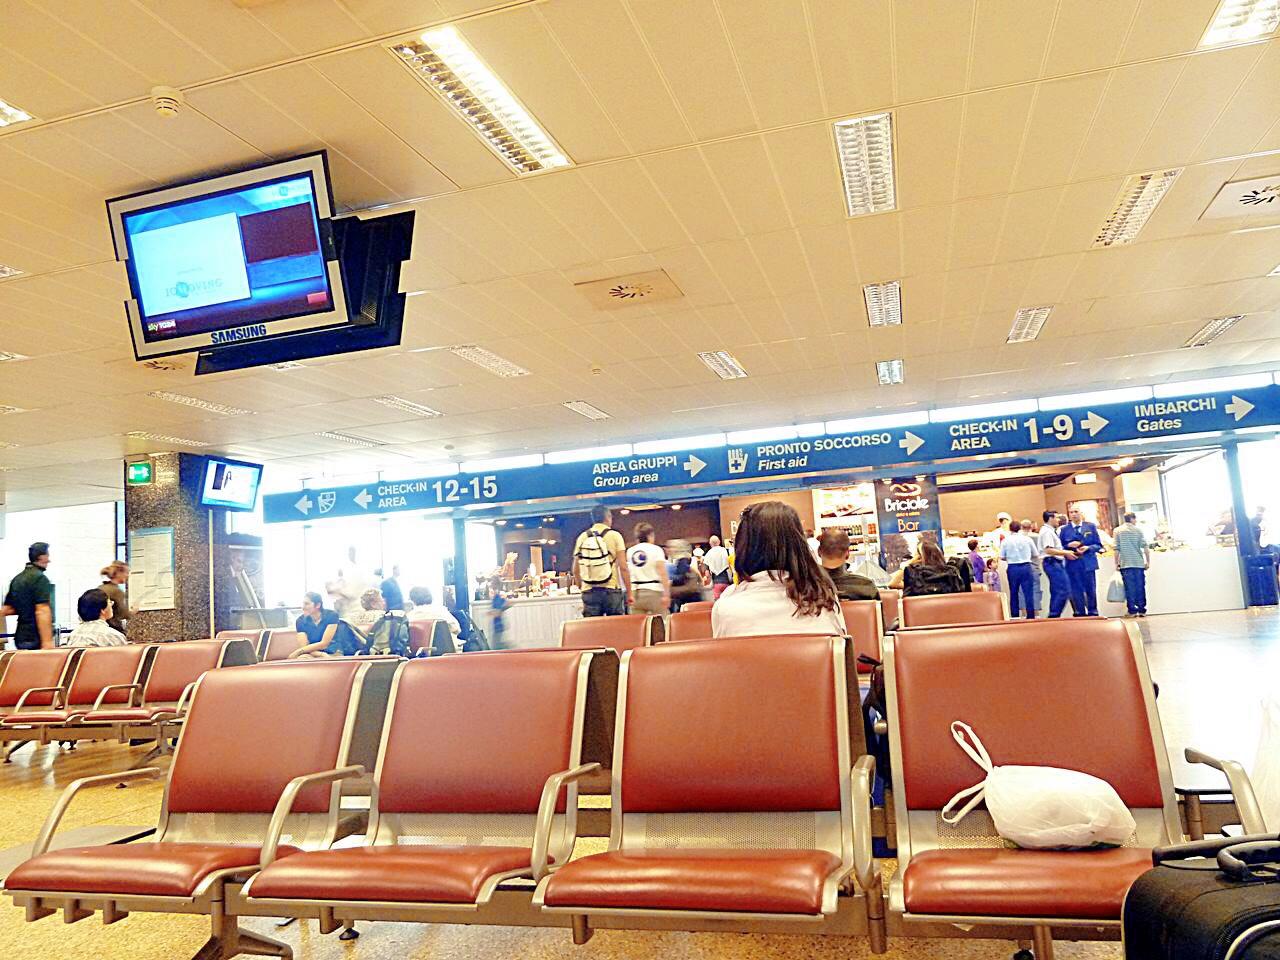 15 ข้อคิดในวันที่เดินวนเวียนอยู่ในสนามบินมิลาน-nile and sister